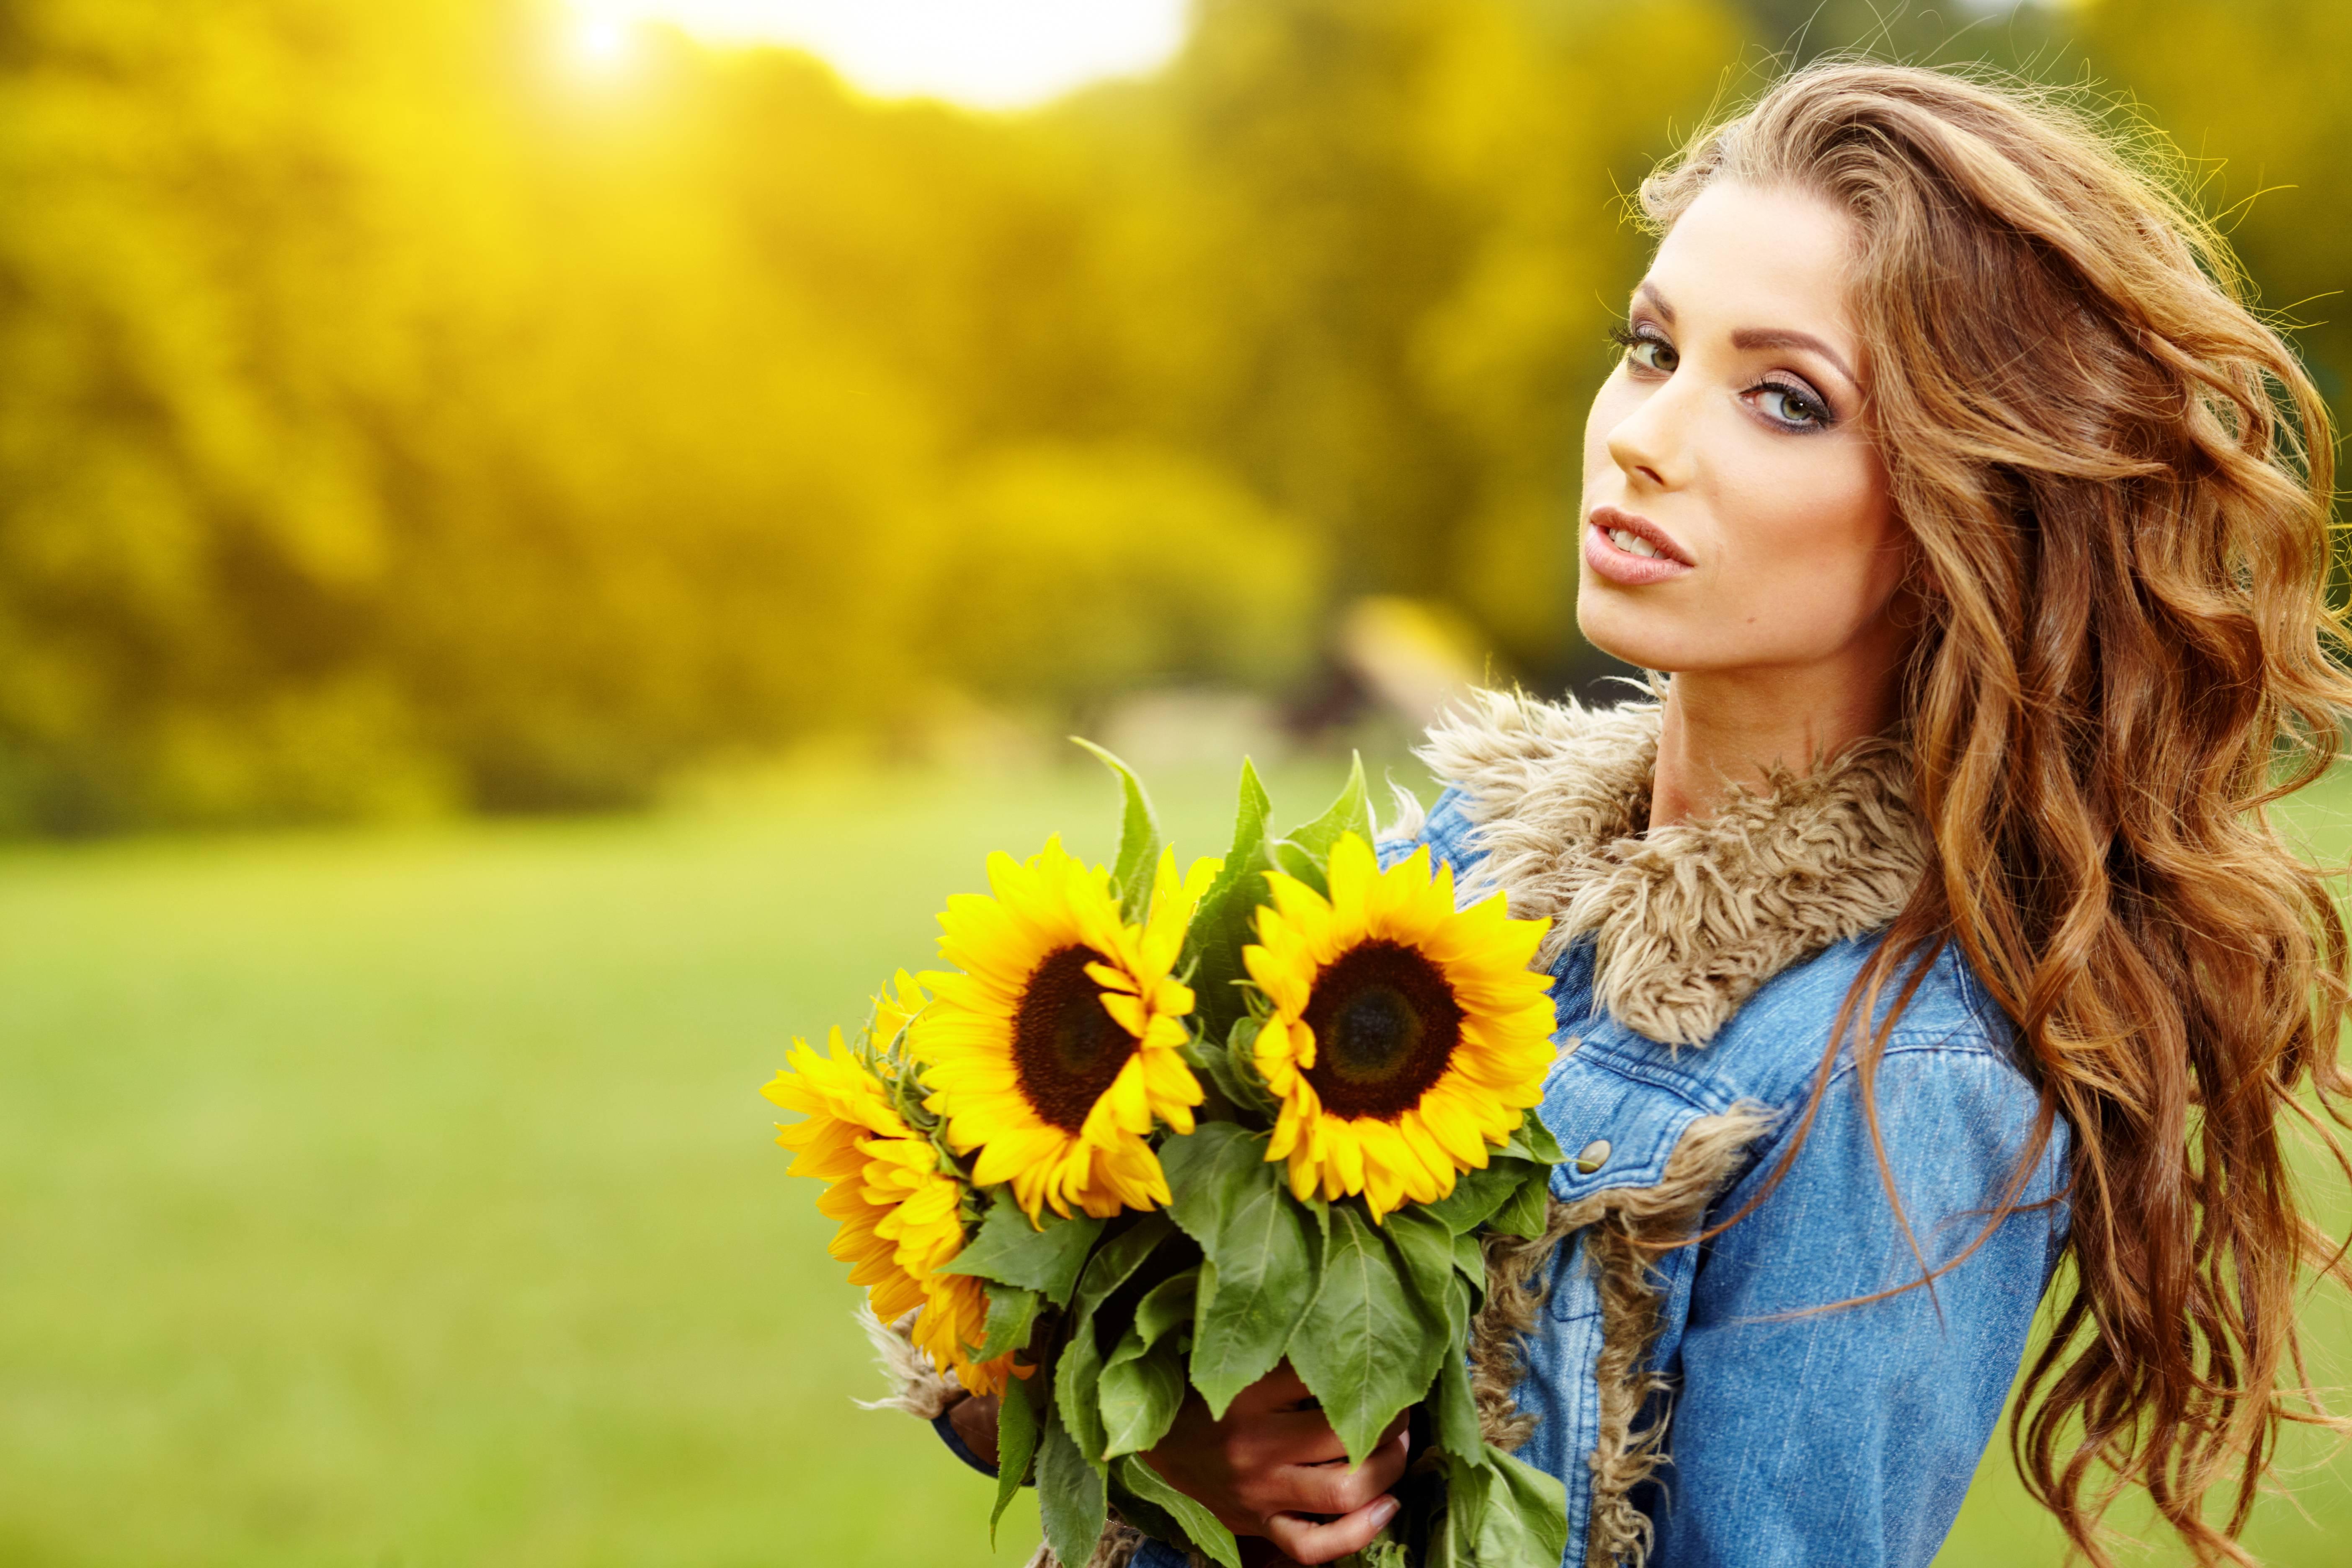 Идеи для девушки с цветами